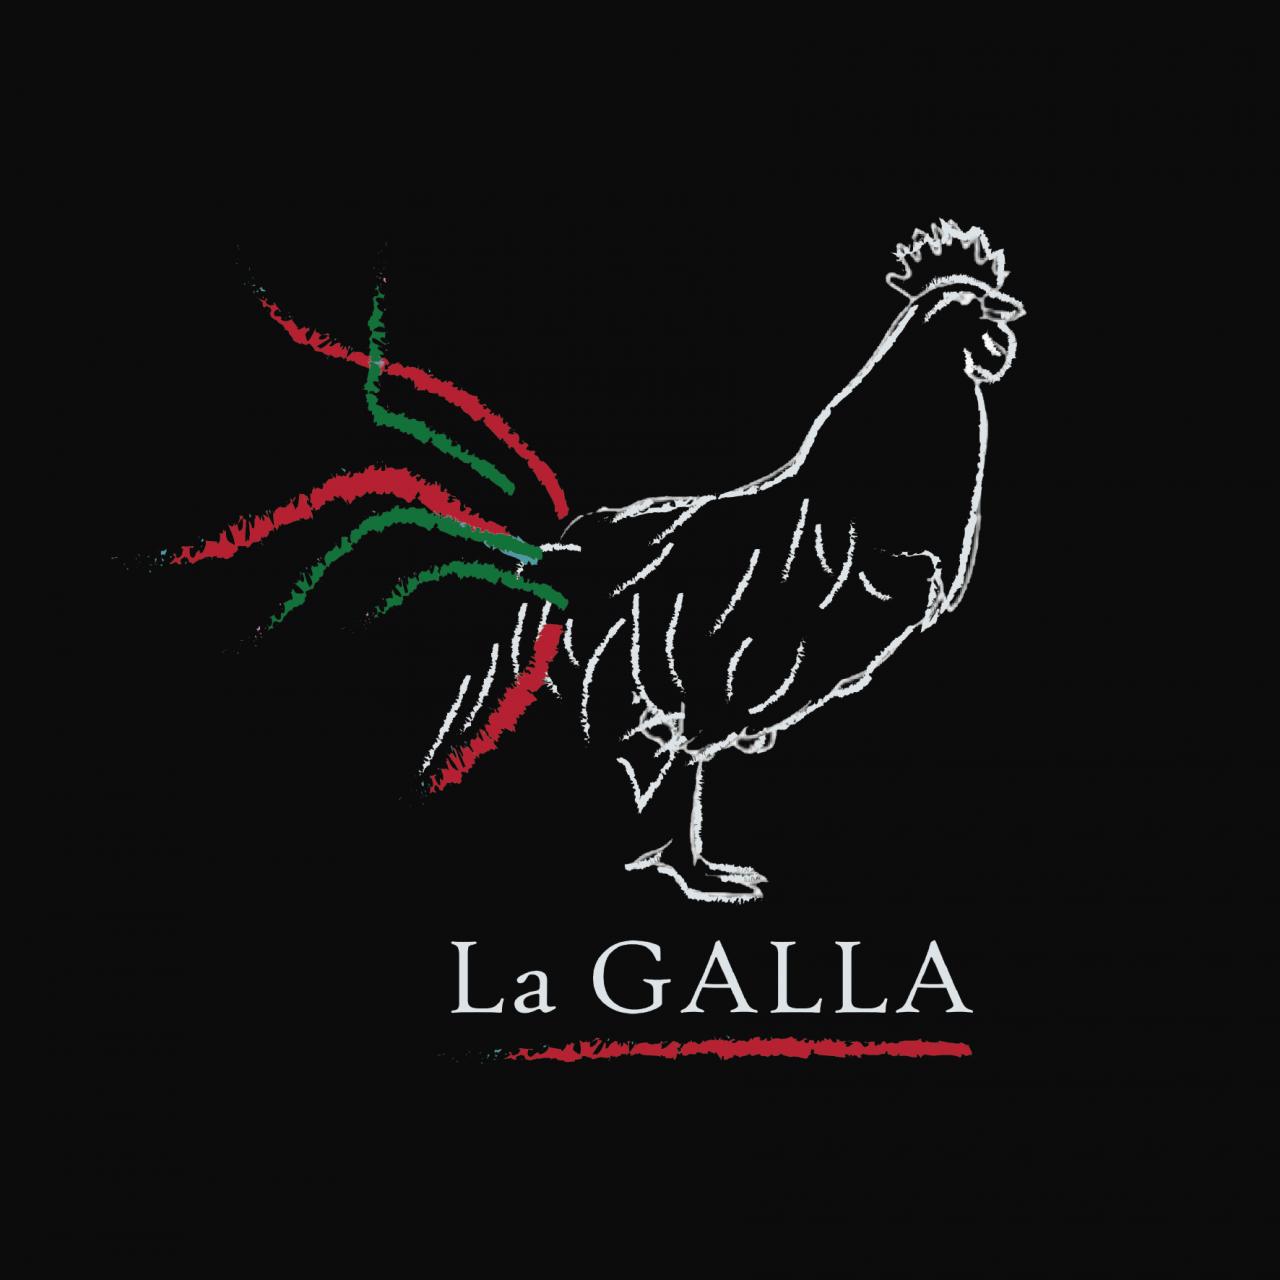 La Galla